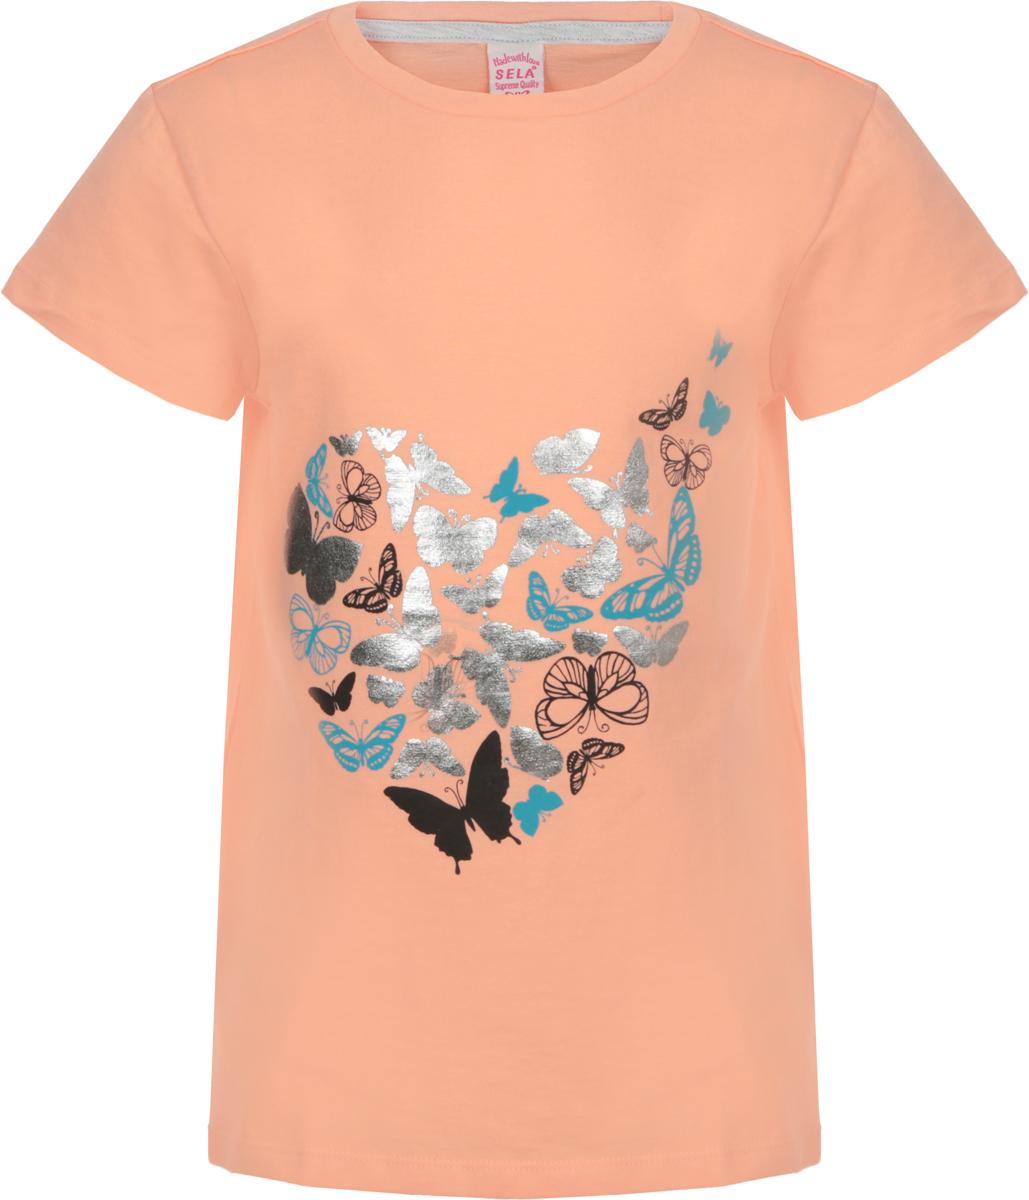 Футболка для девочки Sela, цвет: персиковый нектар. Ts-611/1206-8263. Размер 146, 11 летTs-611/1206-8263